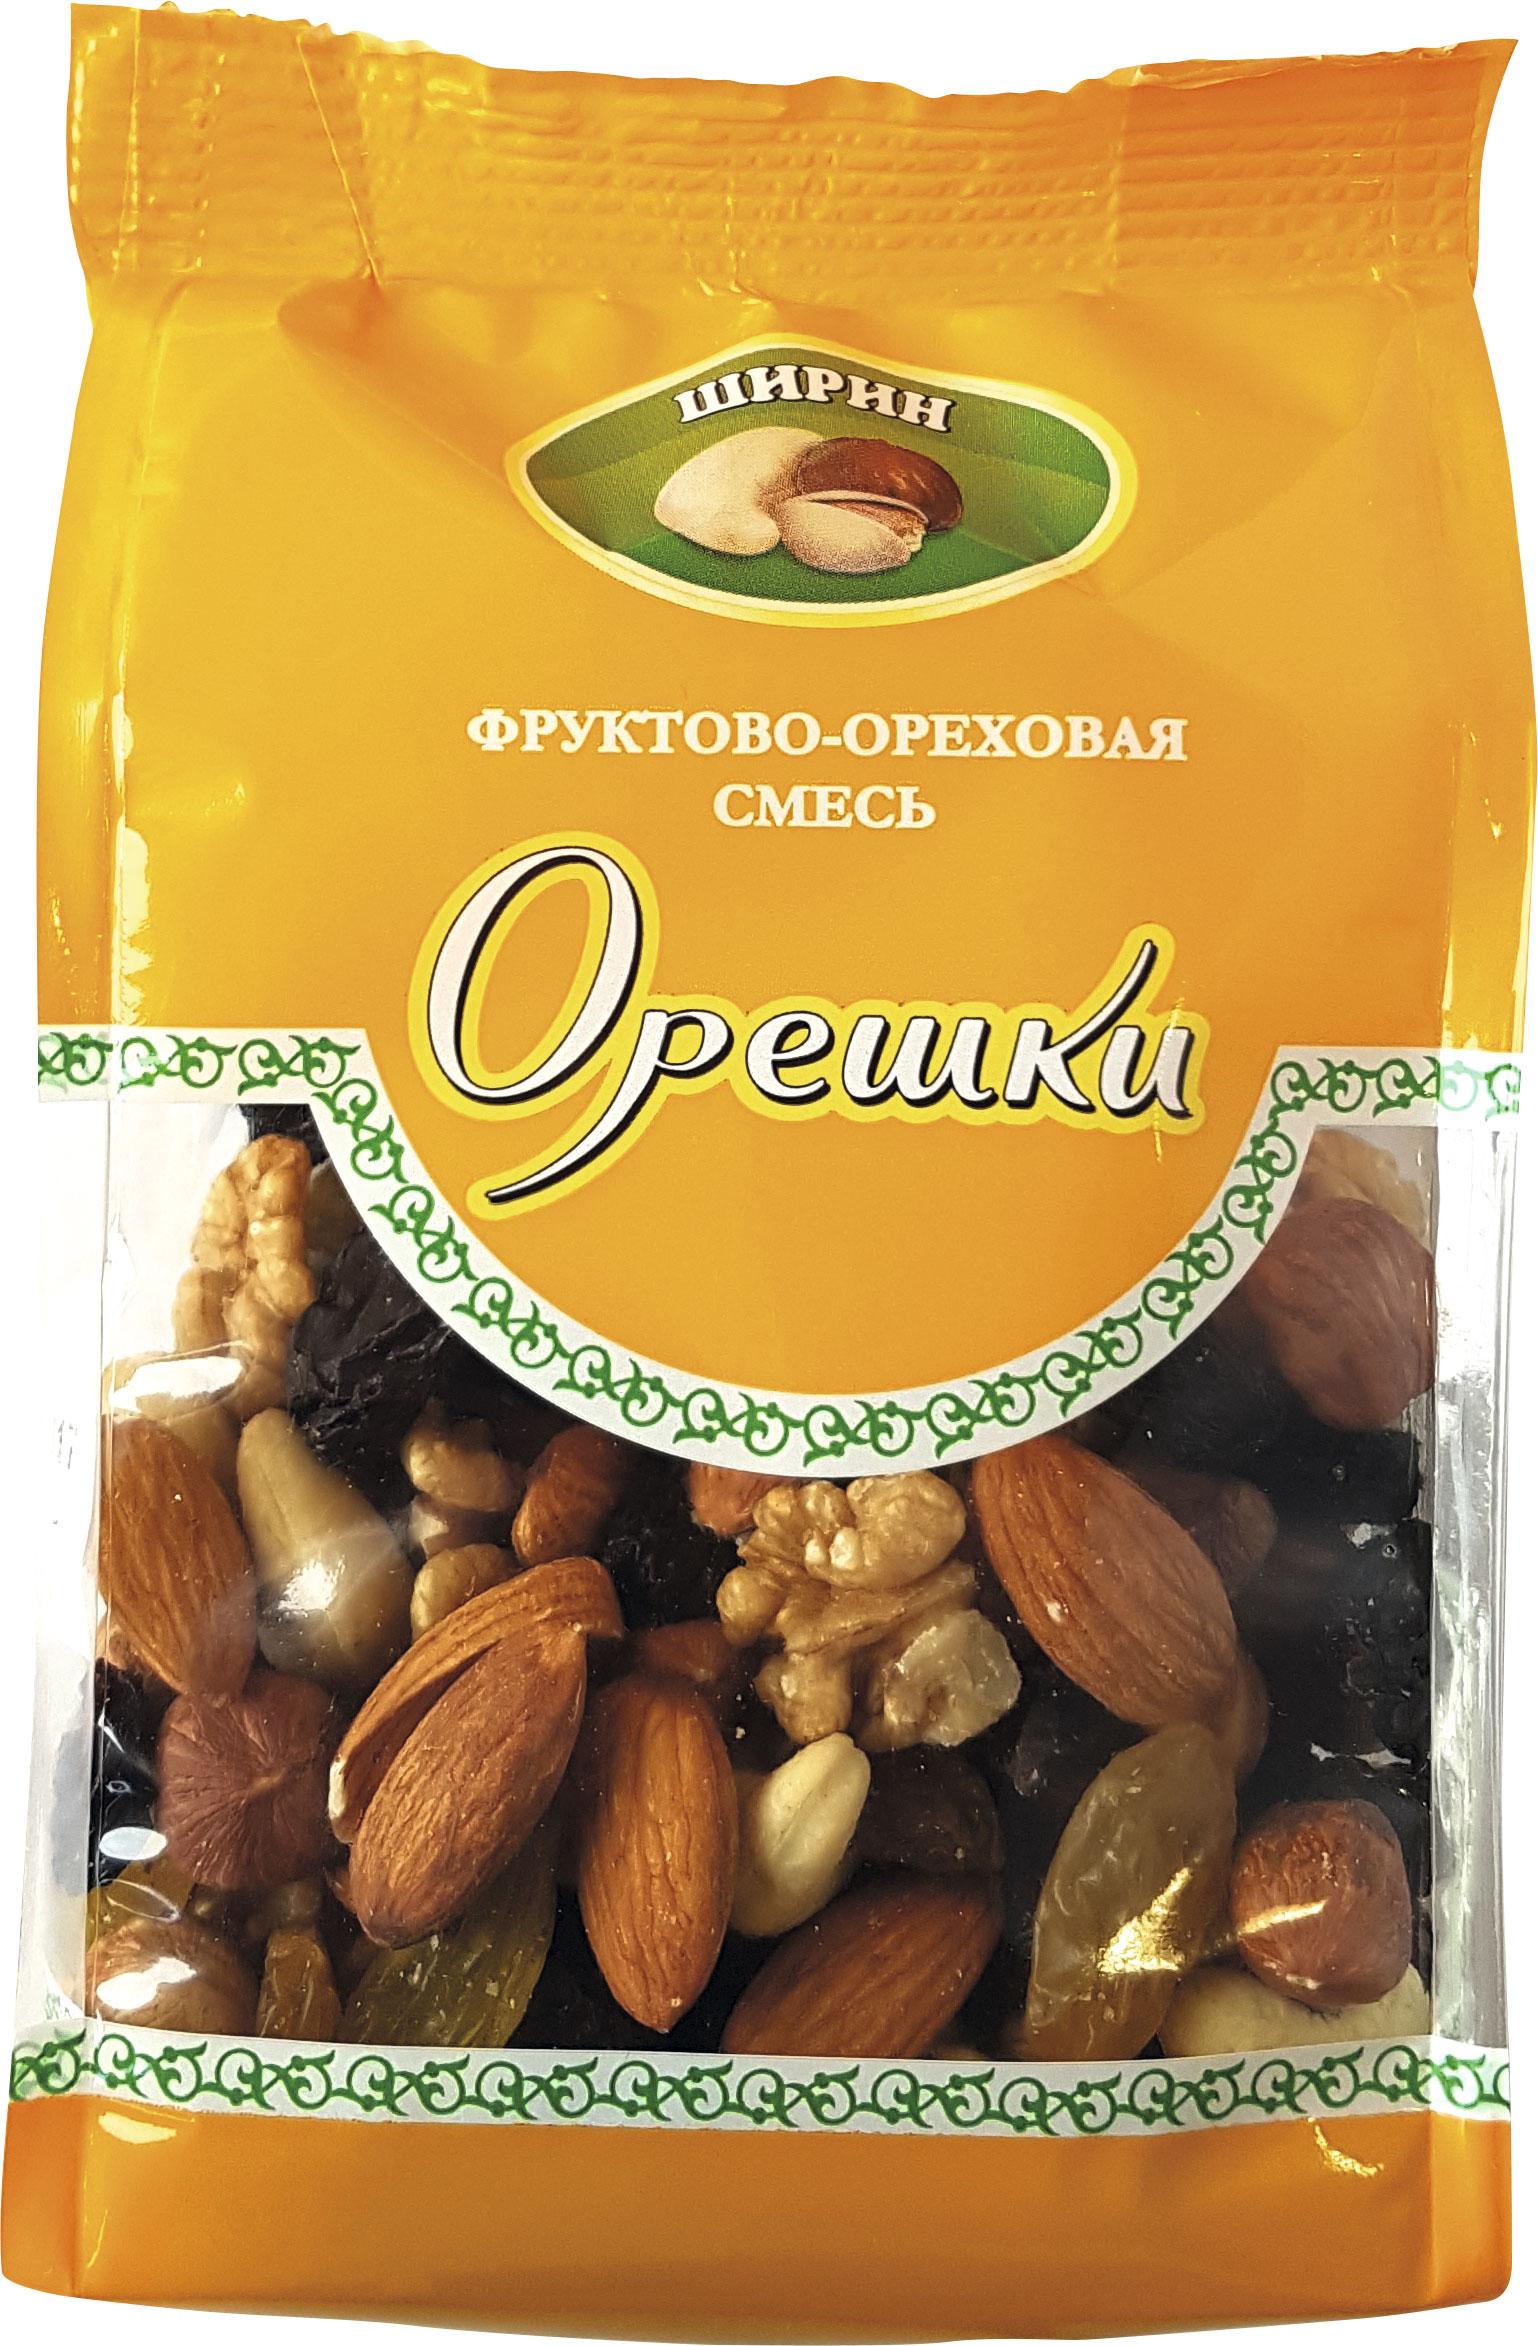 Смесь фруктово-ореховая Орешки  Ширин